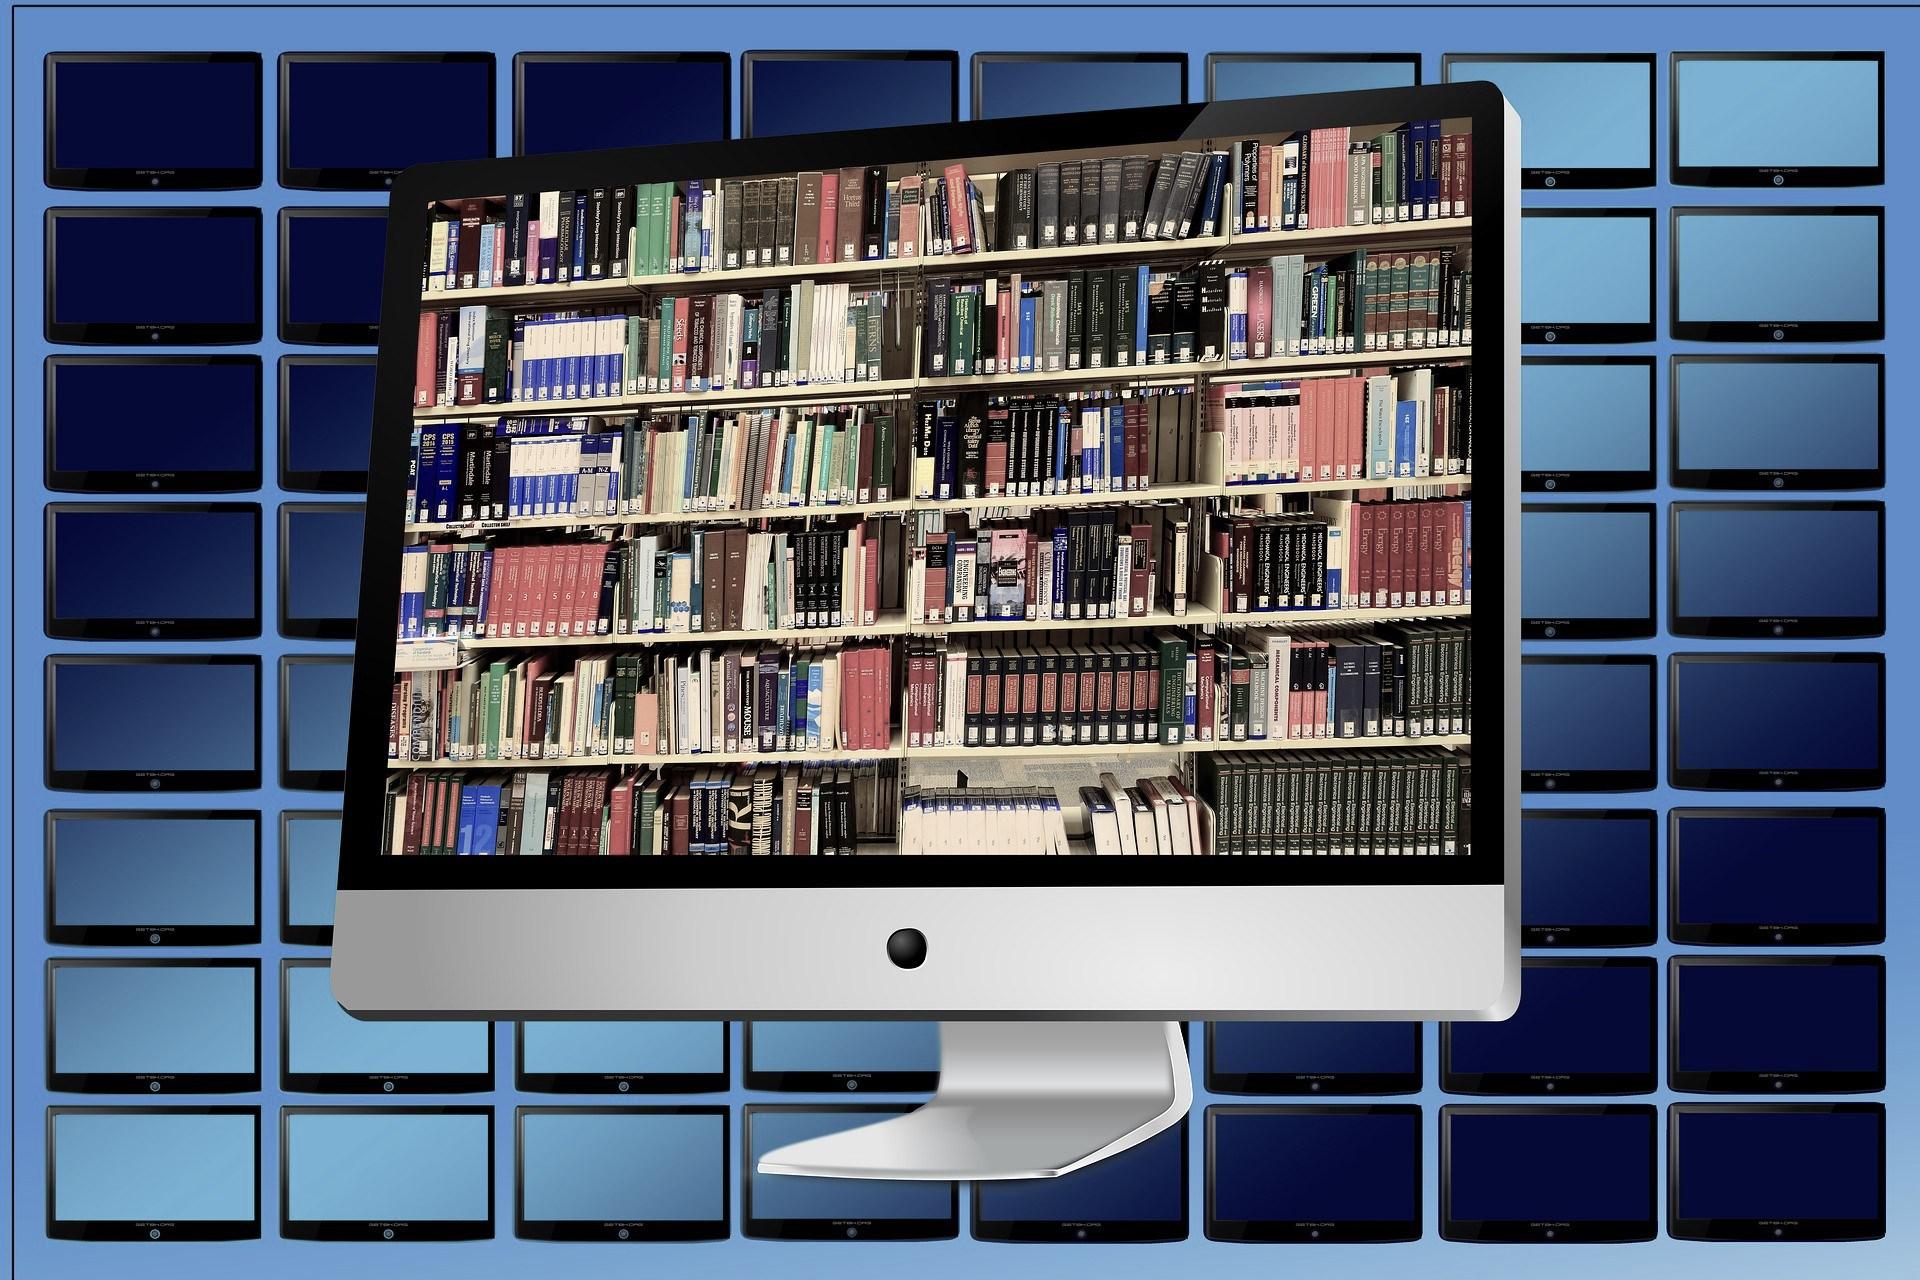 Palimpsest, palimtext si bibliotecile virtuale